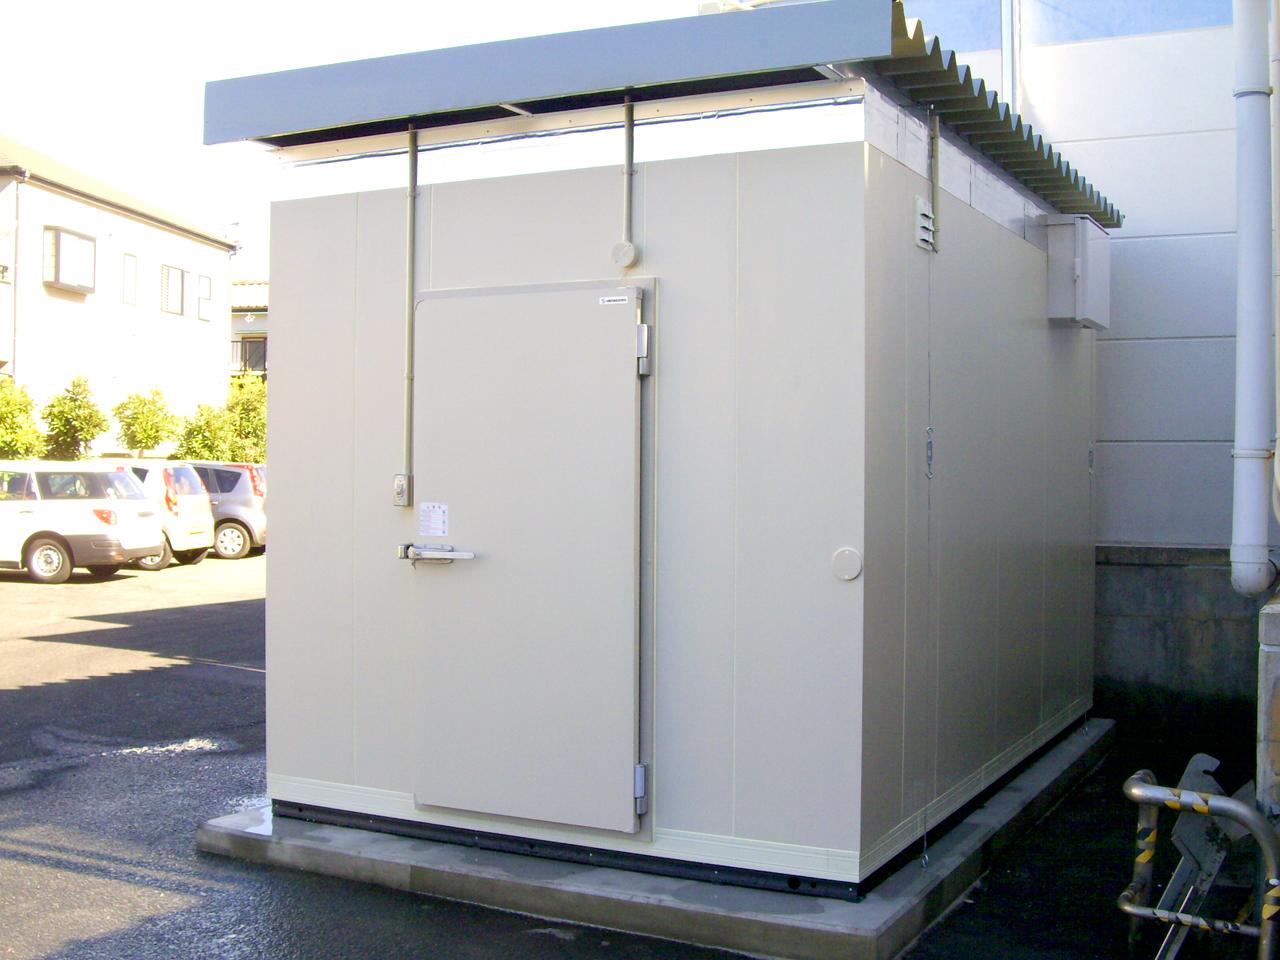 ページの先頭へ 大型冷蔵倉庫 大型物流センター 低温配送センター 大型冷蔵倉庫 大型物流センター